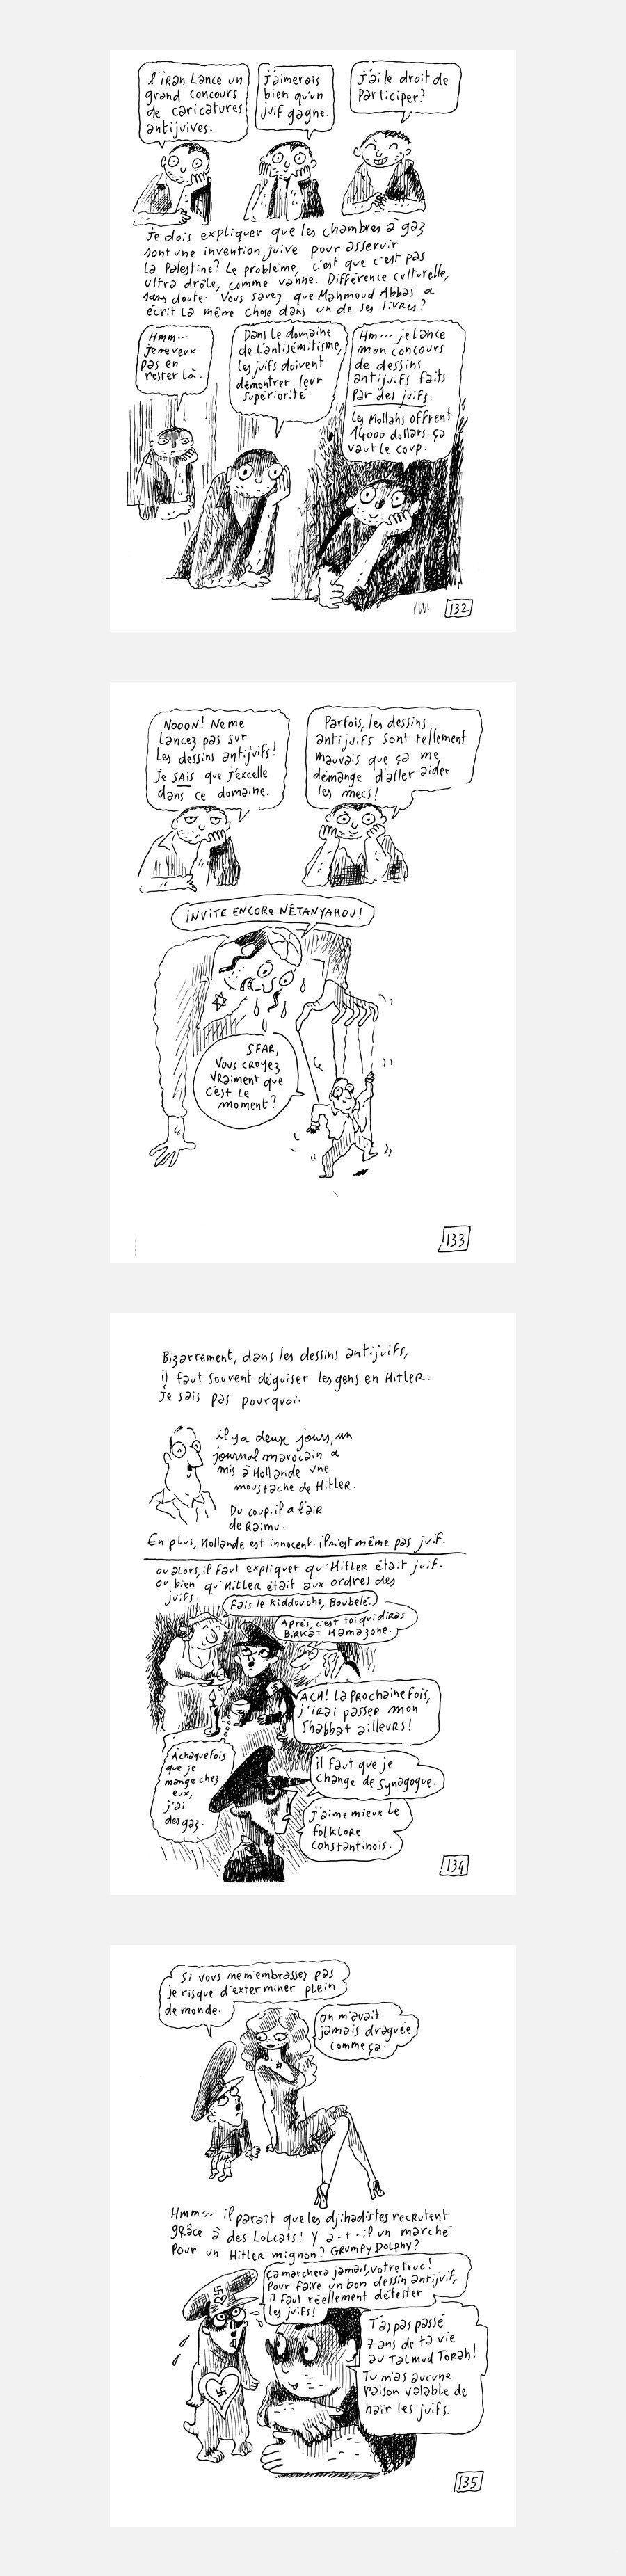 Concours de caricatures antijuives en Iran: je peux